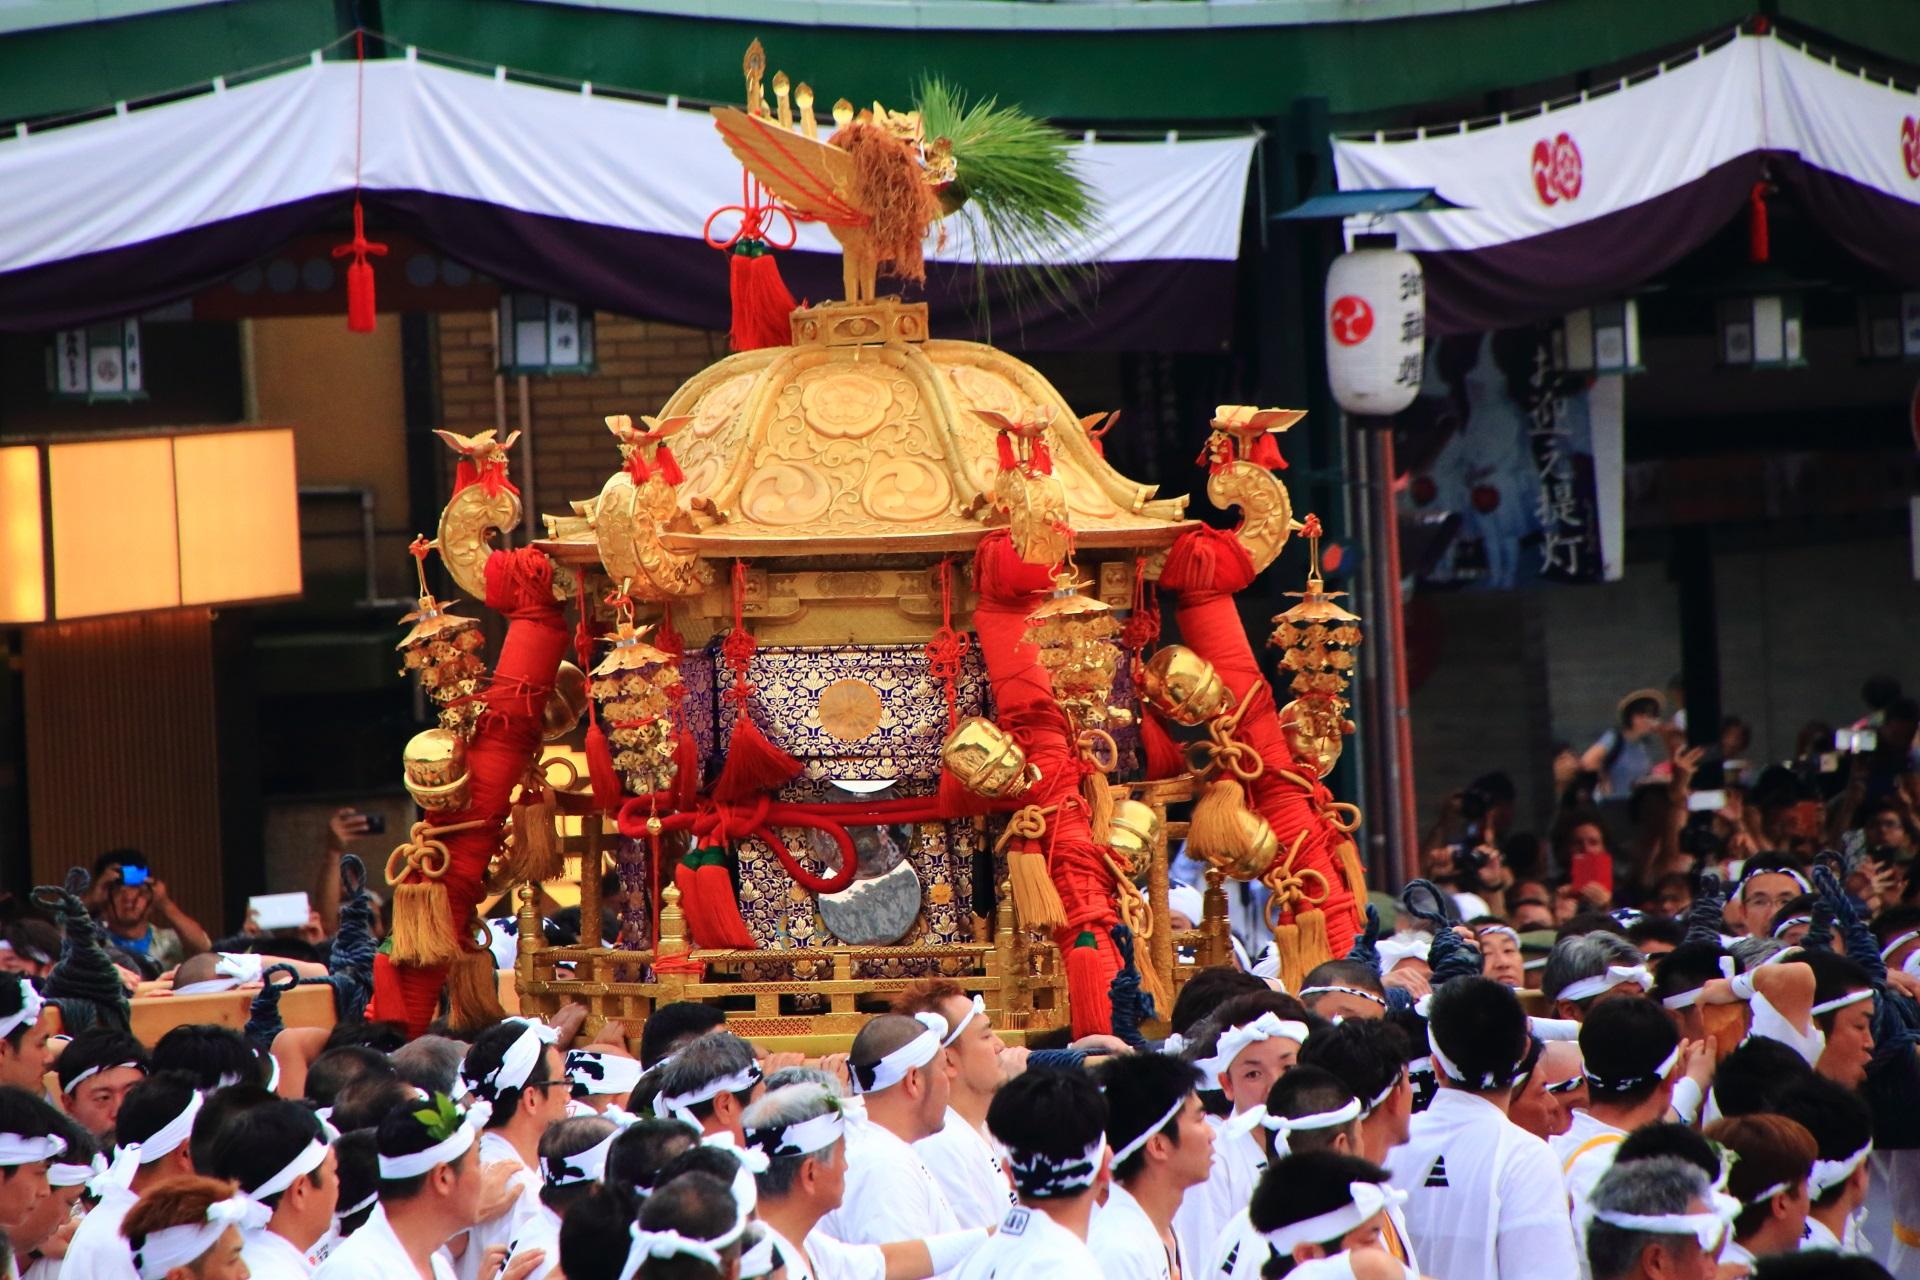 祇園祭神幸祭の最初に登場する六角形の中御座神輿(なかござみこし)